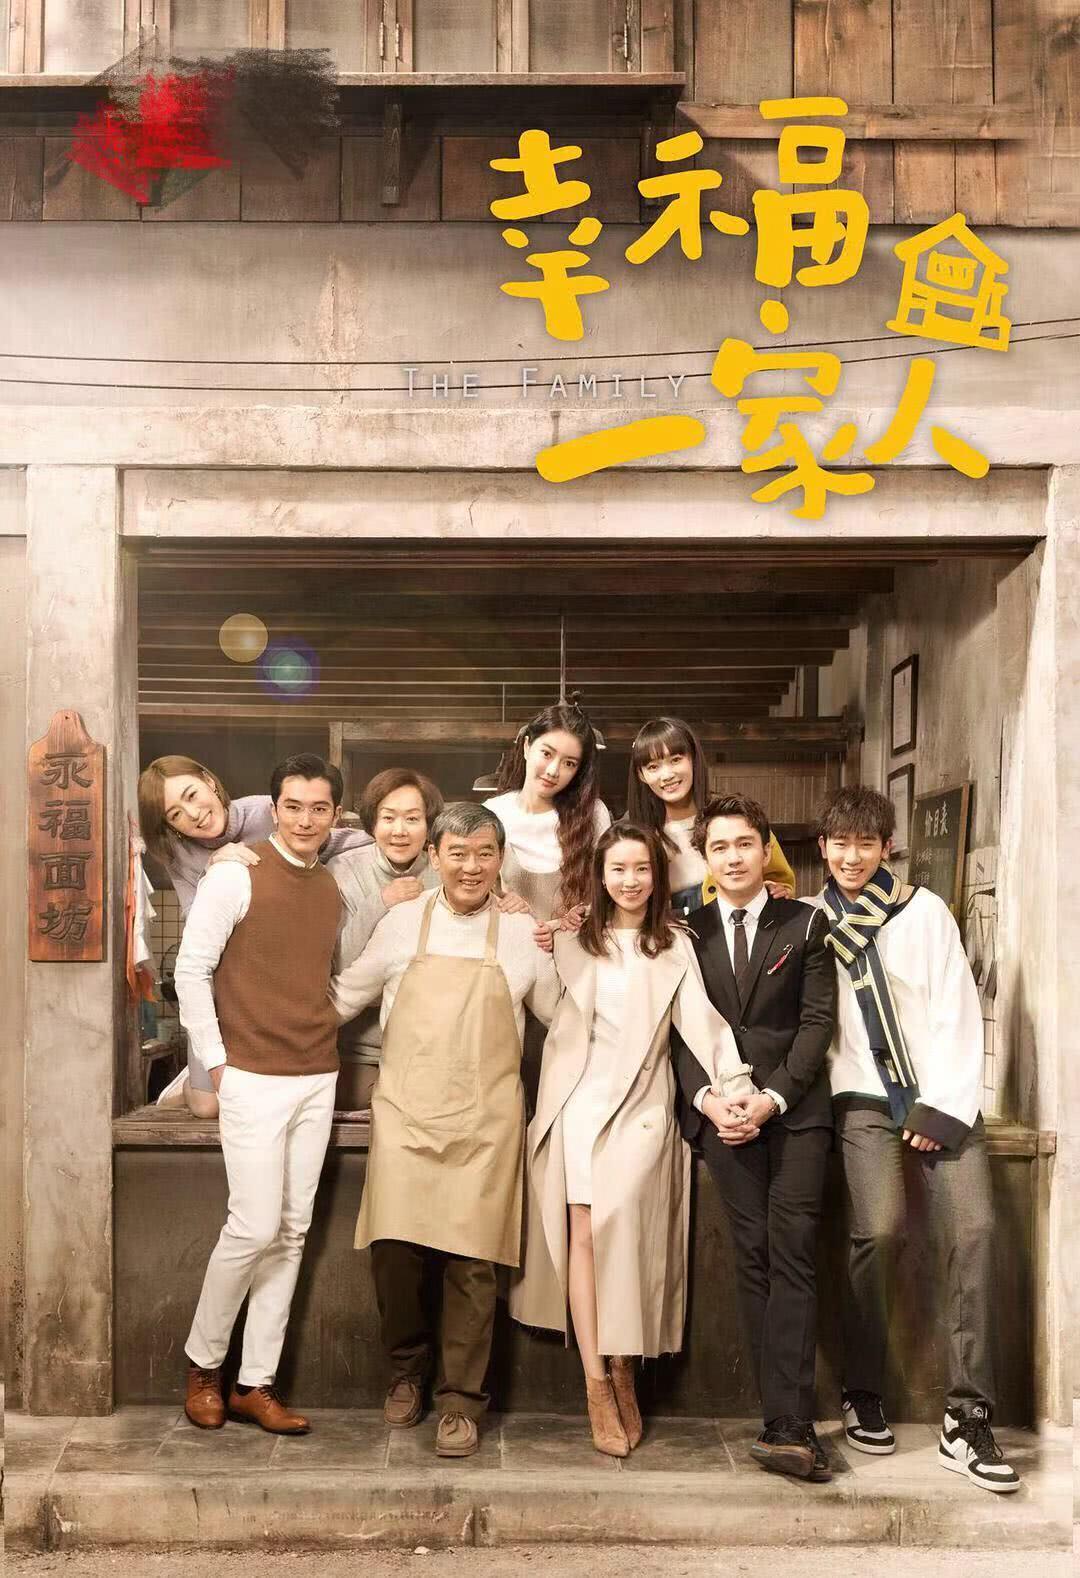 董潔新劇的收視率比趙麗穎新劇還高,《幸福一家人》更有看點?